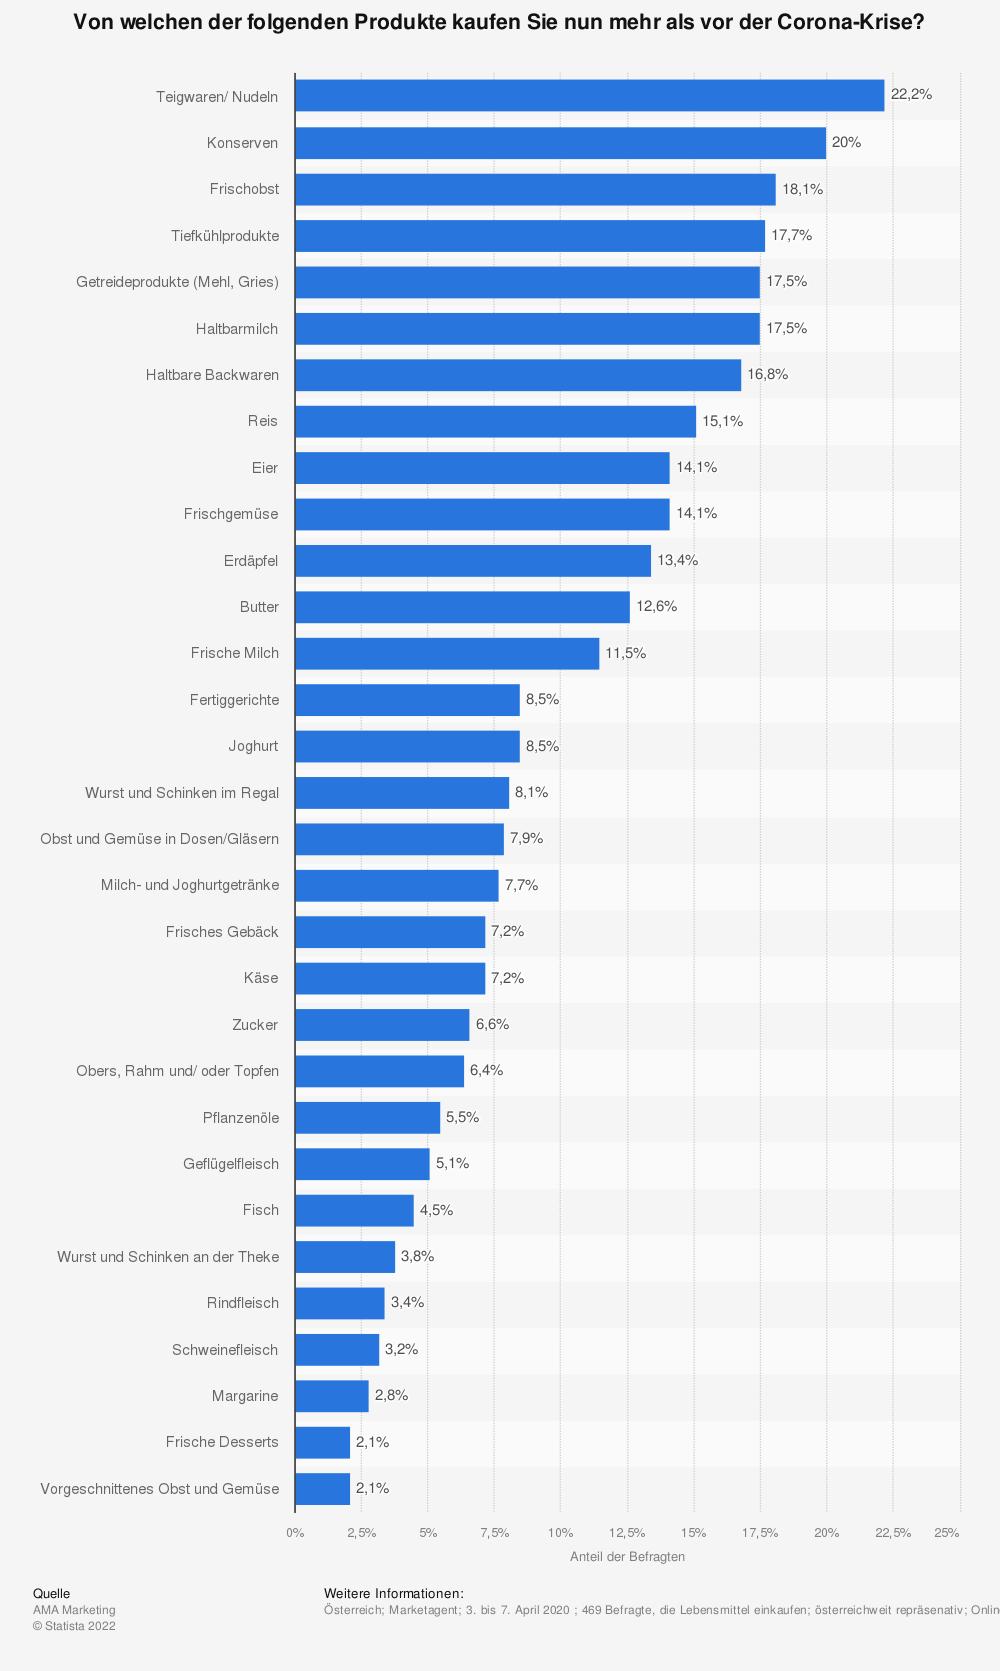 Statistik: Von welchen der folgenden Produkte kaufen Sie nun mehr als vor der Corona-Krise? | Statista